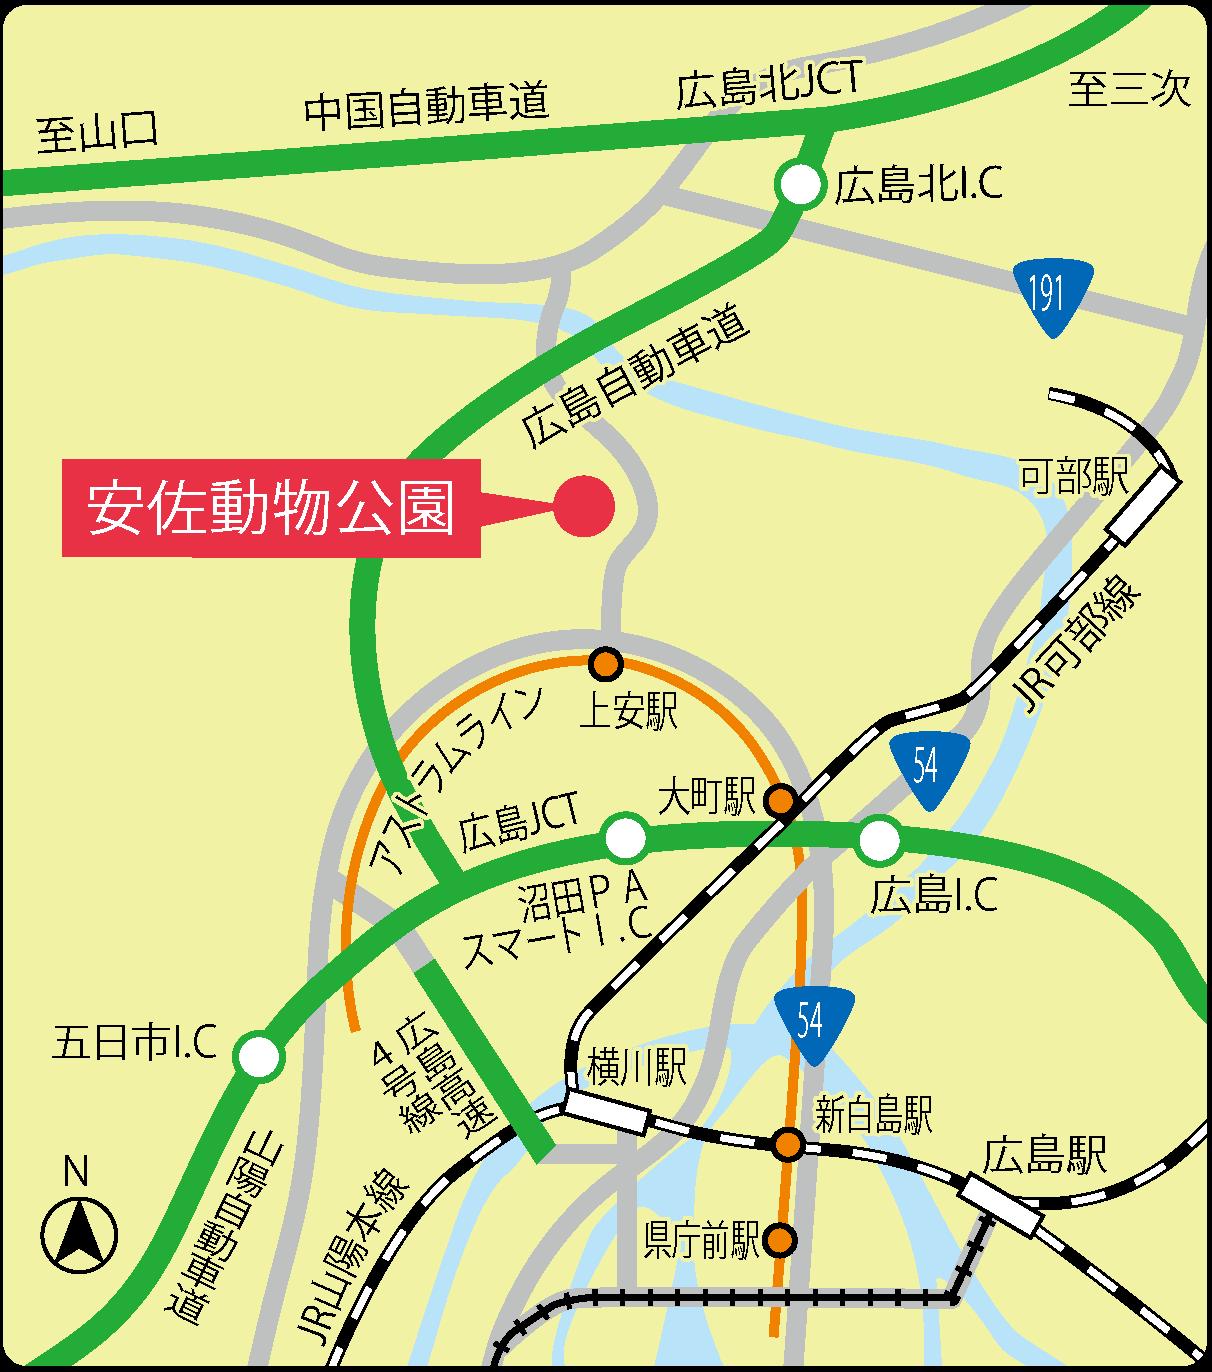 アクセスマップ201807(可部線沿線)png.png